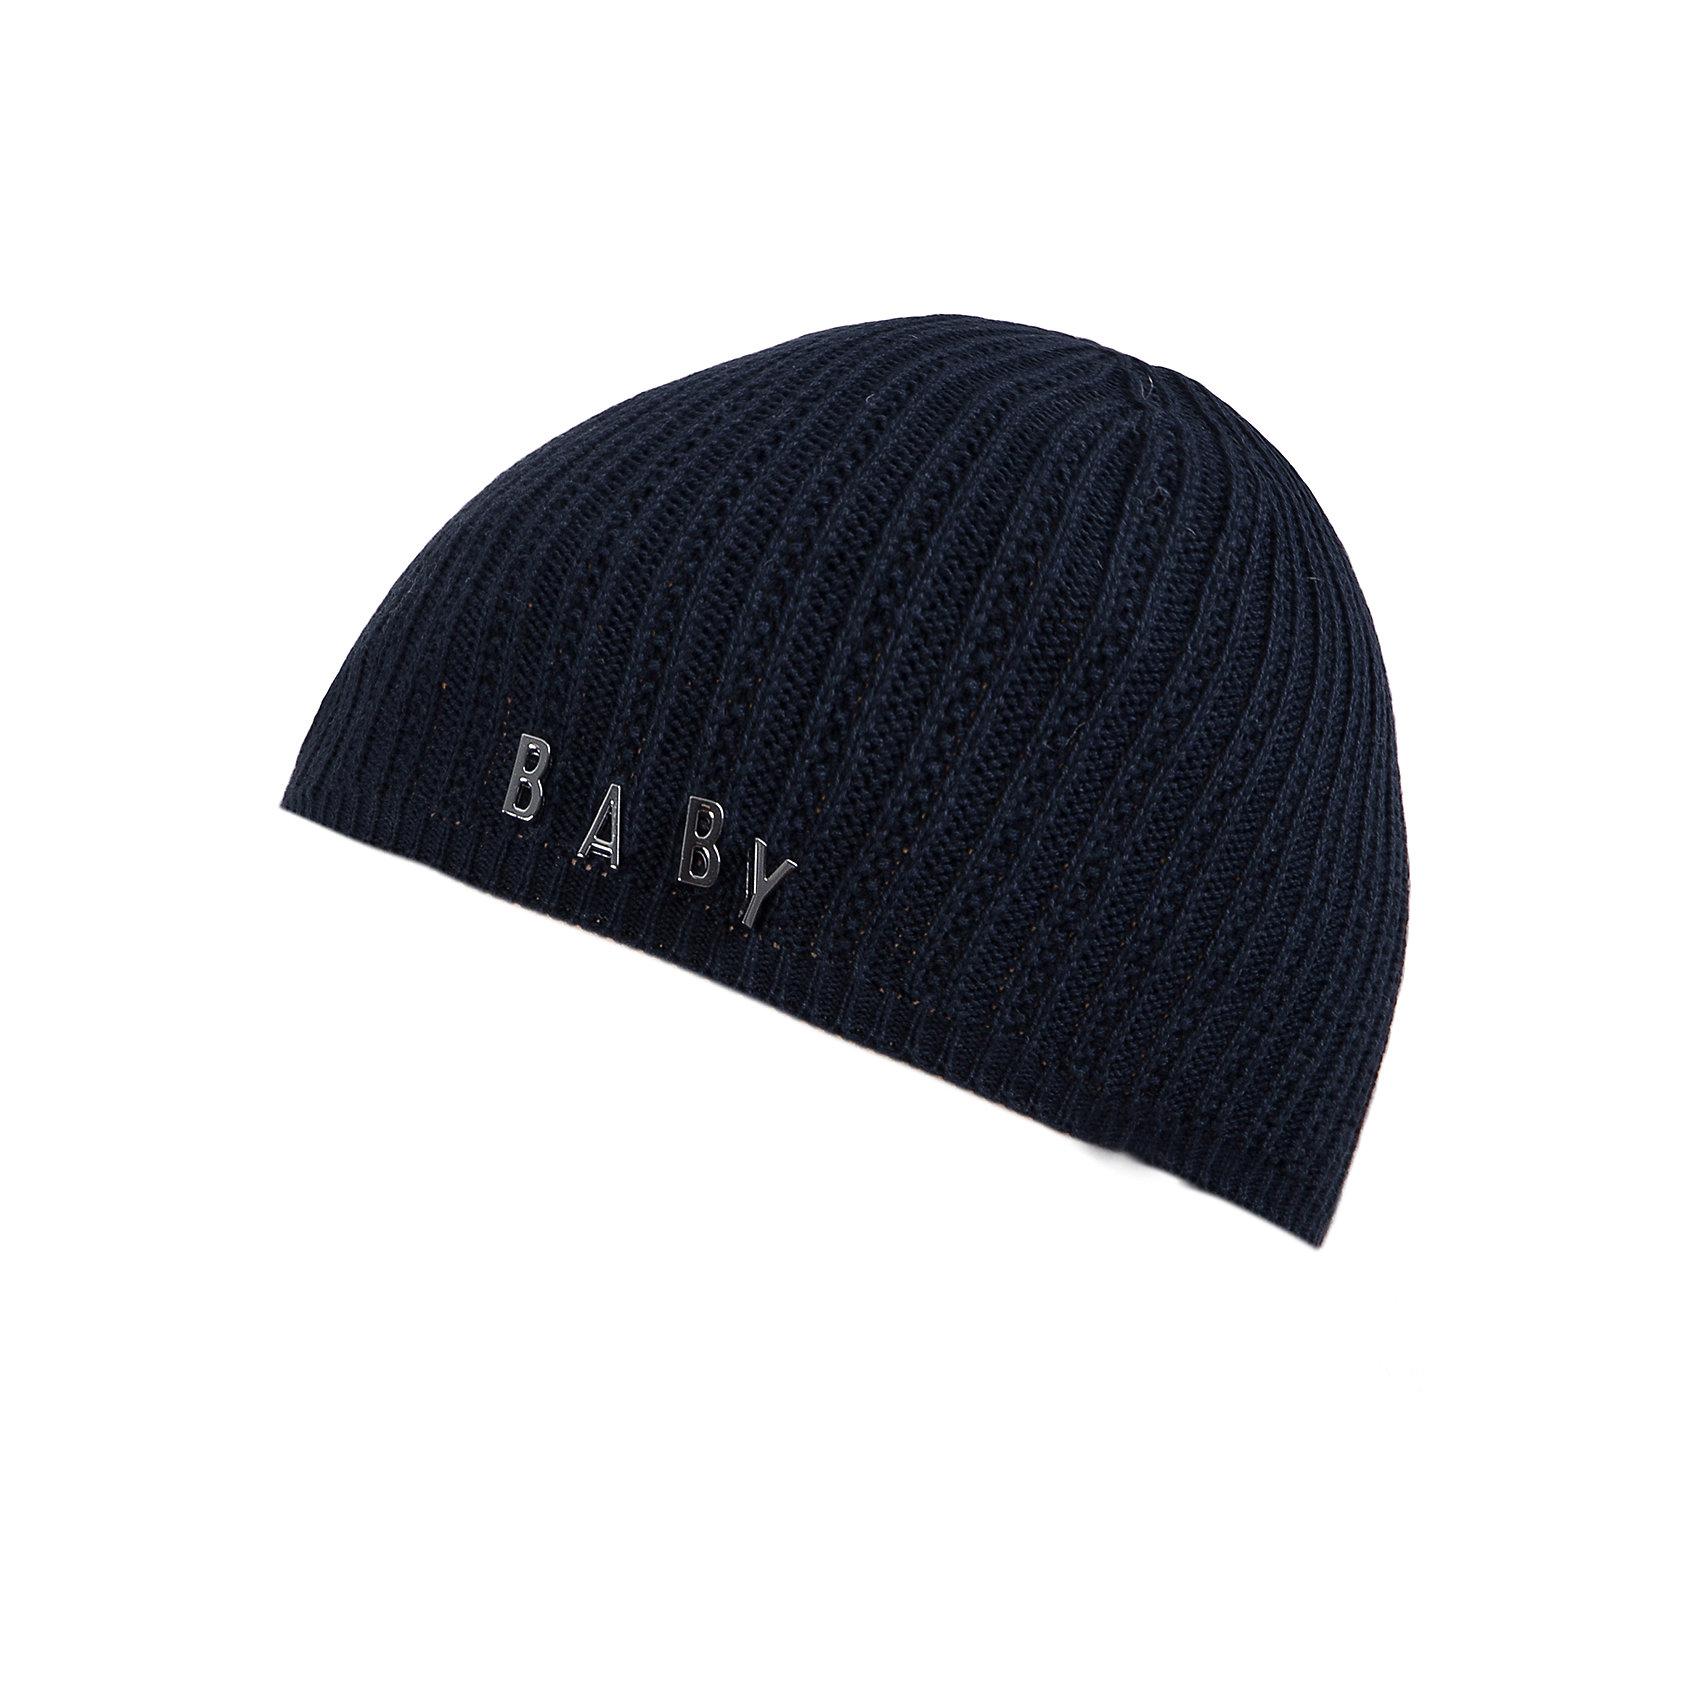 Шапка АртельШапка от торговой марки Артель <br><br>Мягкая хлопковая шапка отлично смотрится на детях и комфортно сидит.  Изделие выполнено из качественных натуральных материалов.<br>Одежда от бренда Артель – это высокое качество по приемлемой цене и всегда продуманный дизайн. <br><br>Особенности модели: <br>- цвет — синий; <br>- вязка лапшой; <br>- материал - натуральный хлопок. <br><br>Дополнительная информация: <br><br>Состав: 100% хлопок.<br><br>Температурный режим: <br>от 0 °C до +15 °C <br><br>Шапку Артель (Artel) можно купить в нашем магазине.<br><br>Ширина мм: 89<br>Глубина мм: 117<br>Высота мм: 44<br>Вес г: 155<br>Цвет: синий<br>Возраст от месяцев: 3<br>Возраст до месяцев: 4<br>Пол: Унисекс<br>Возраст: Детский<br>Размер: 42,44,46<br>SKU: 4500733